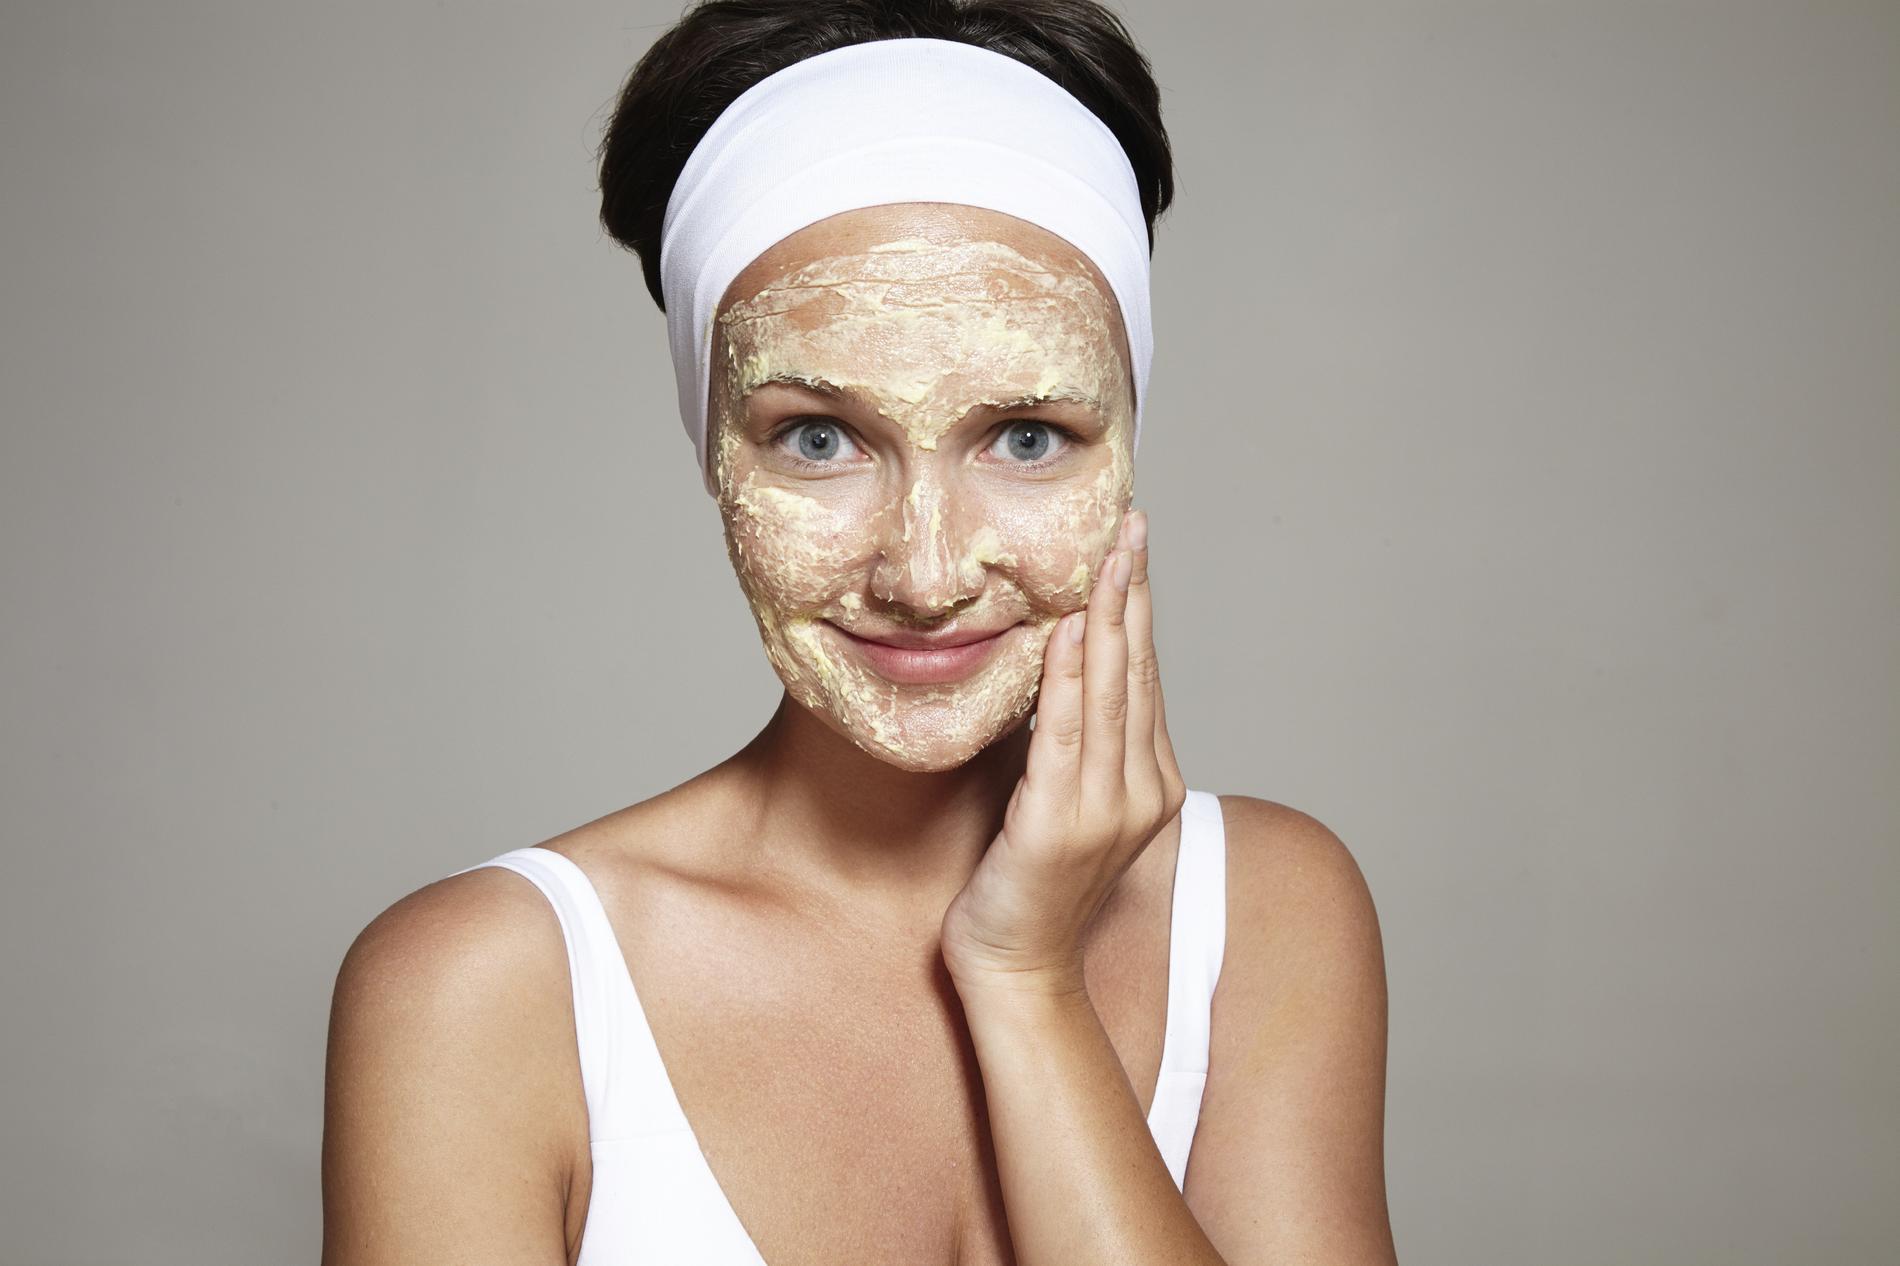 Diy un masque visage maison pour hydrater ma peau le figaro madame - Masque visage maison bonne mine ...